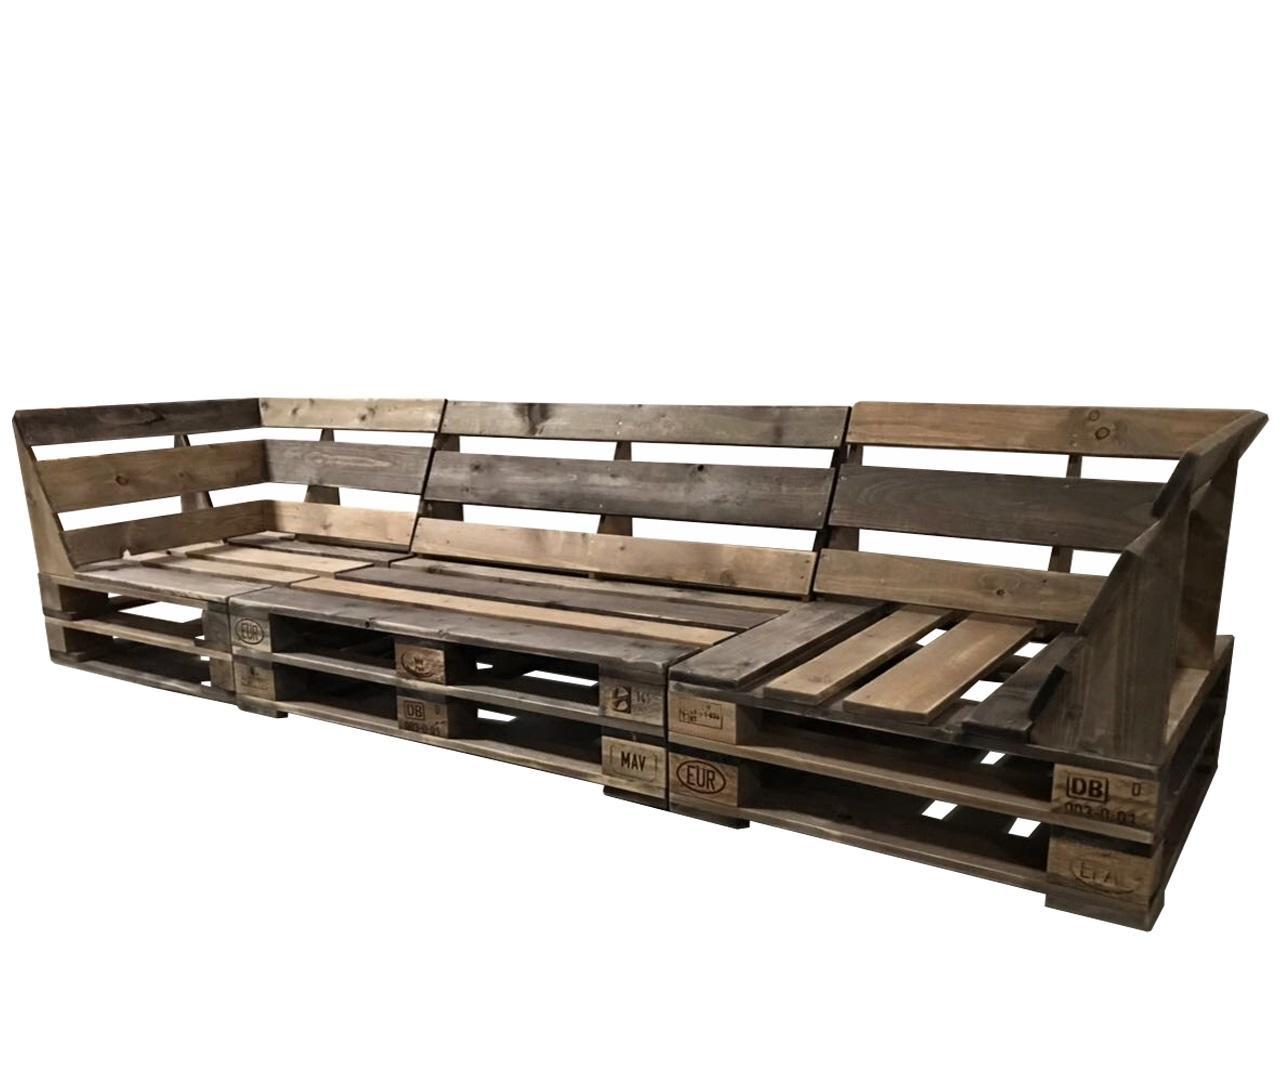 ᐅ Paletten Lounge Bauen Kaufen Palettenlounge Möbel Shop